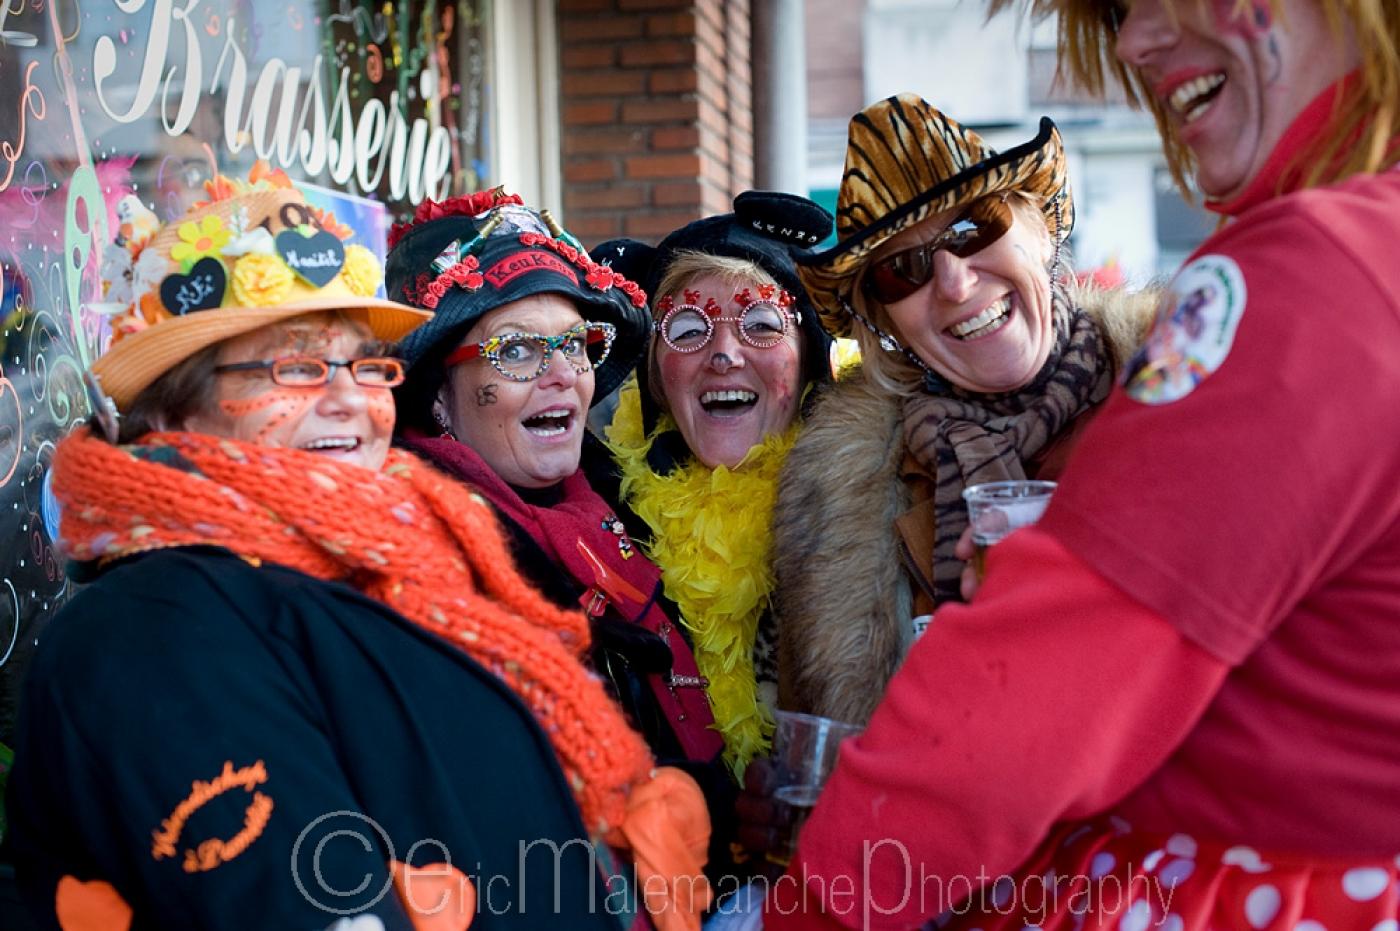 http://www.ericmalemanche.com/imagess/topics/carnaval-de-dunkerque/liste/Carnaval-Dunkerque-0831.jpg